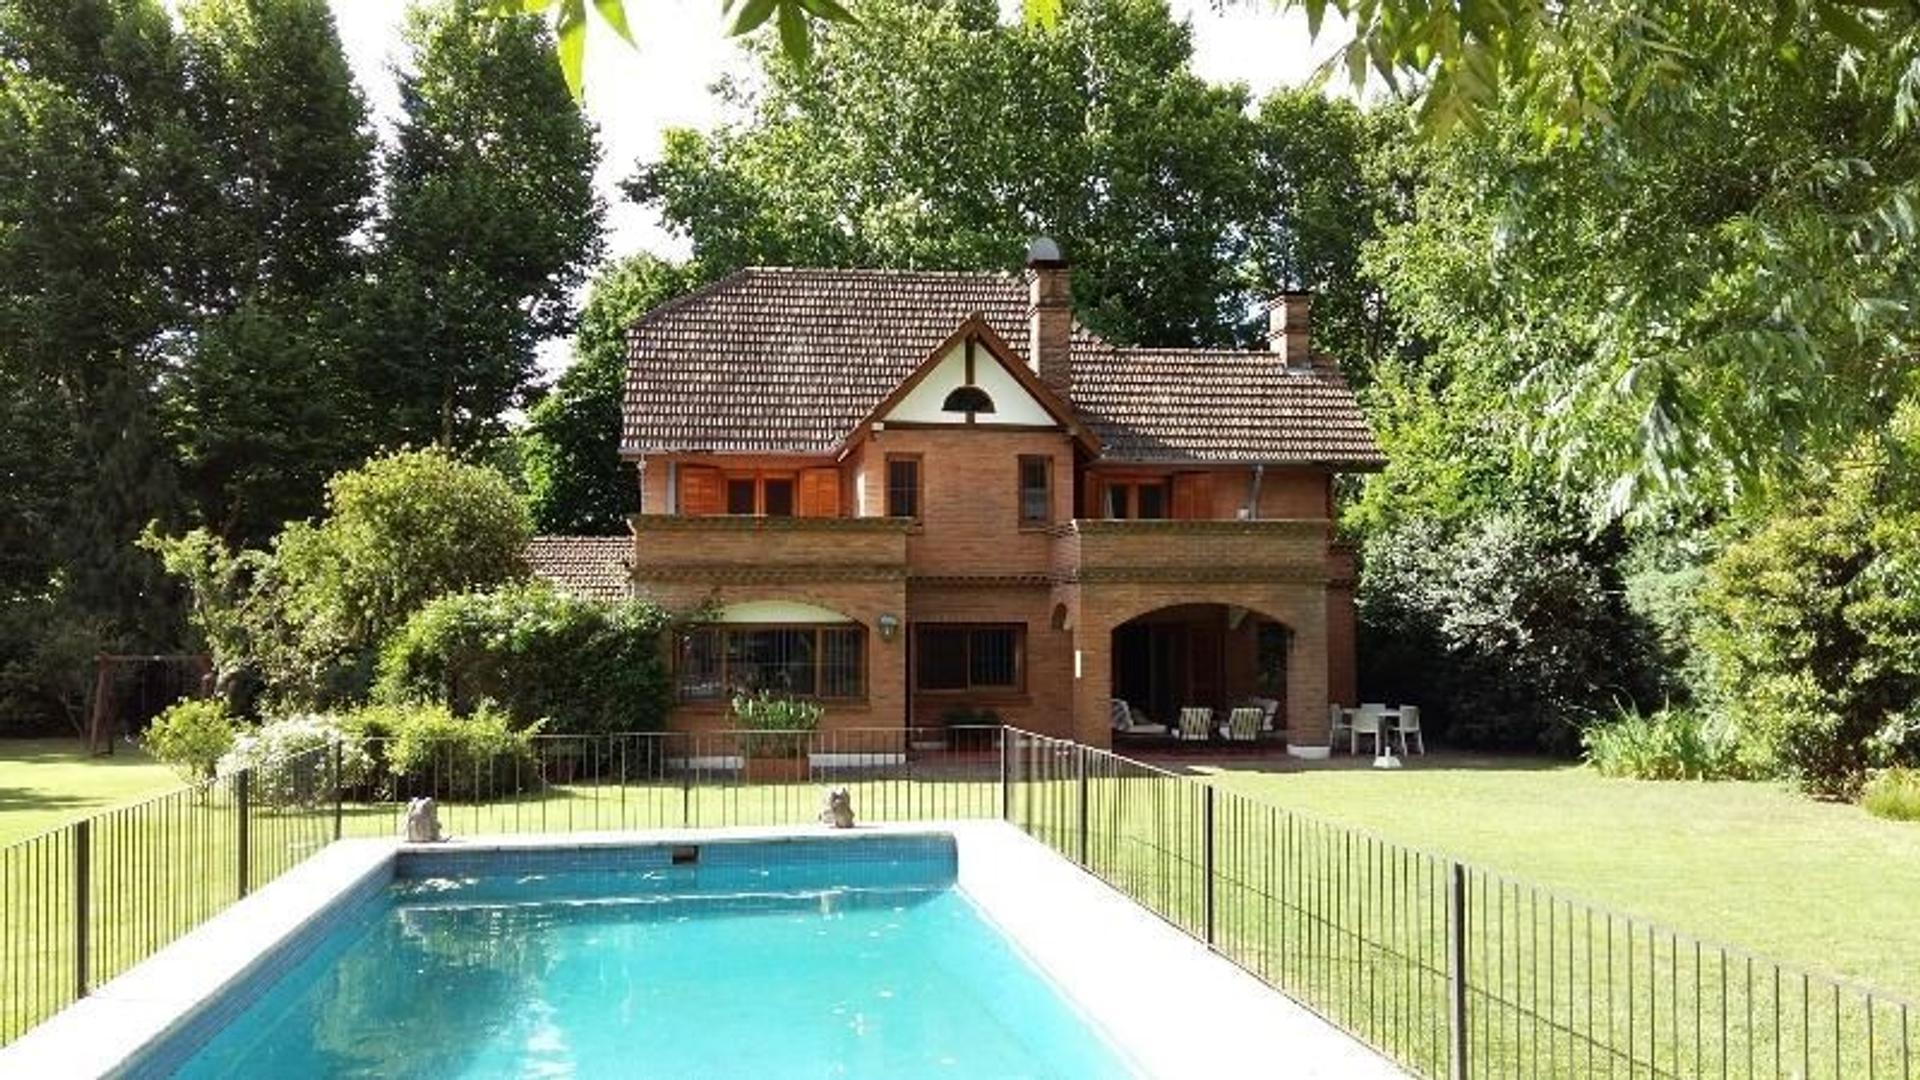 Casa en venta en San Isidro, espectacular parque. Pileta y quincho.